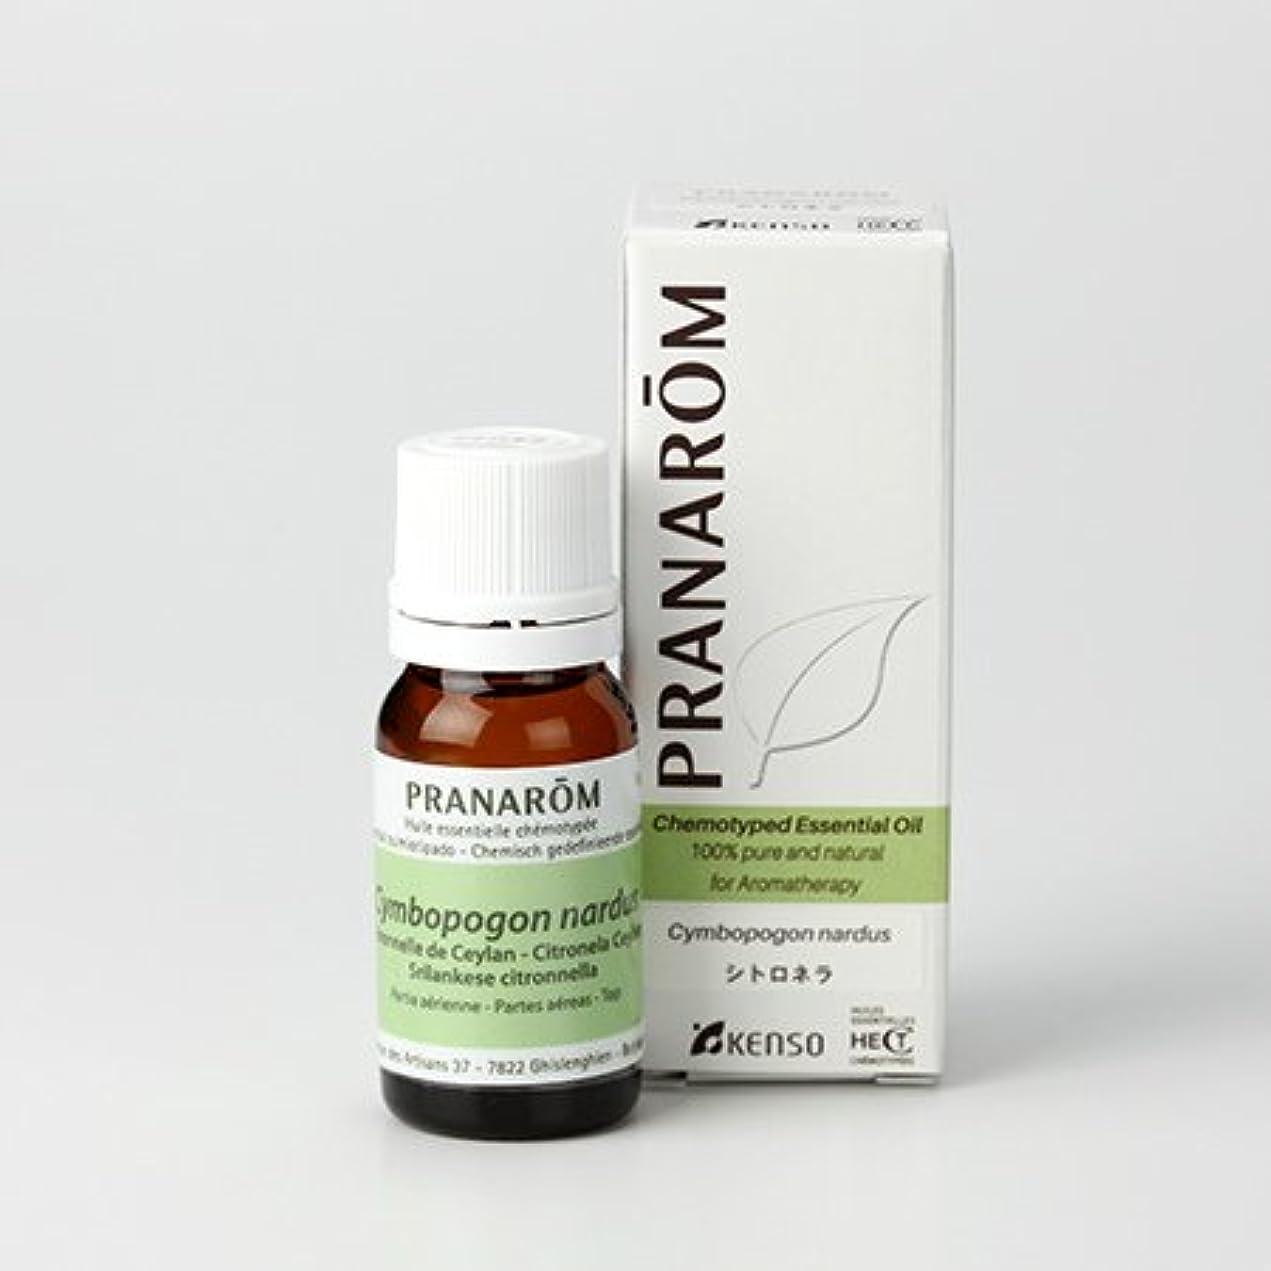 カニダメージ辛いプラナロム シトロネラ 10ml (PRANAROM ケモタイプ精油)